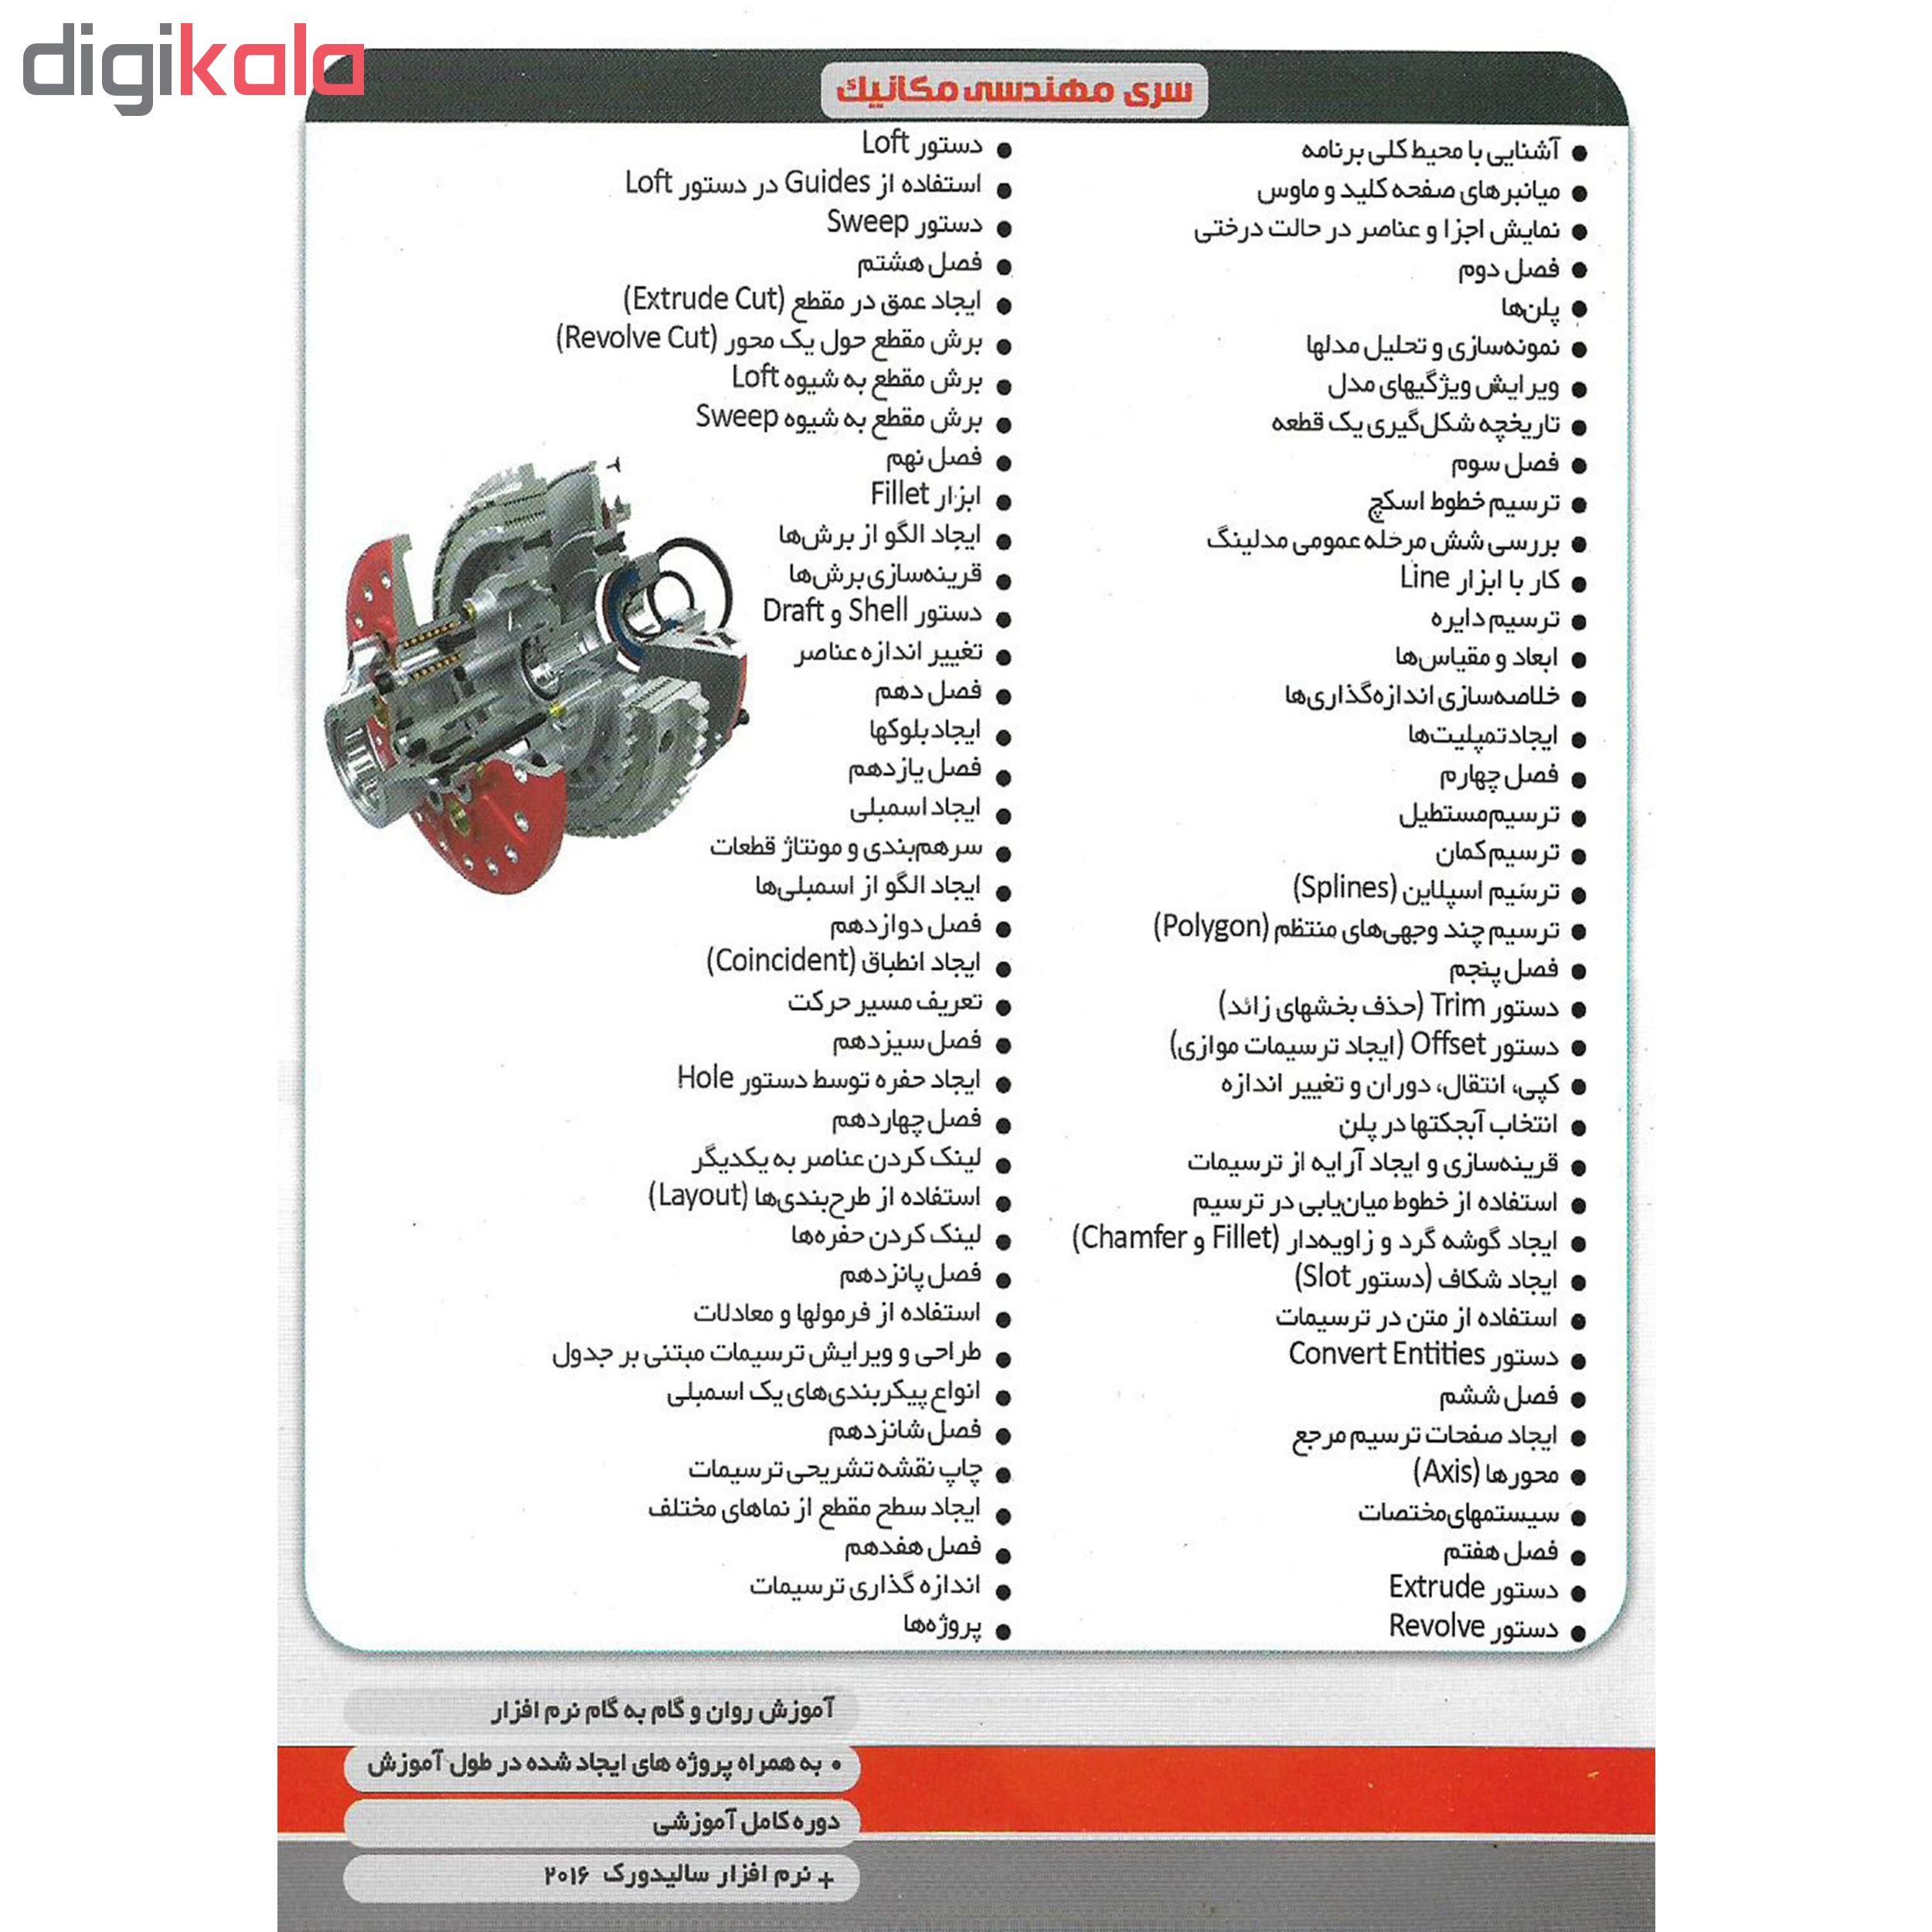 نرم افزار آموزش SOLIDWORKS نشر نوین پندار به همراه نرم افزار آموزش SOLIDWORKS نشر پدیده